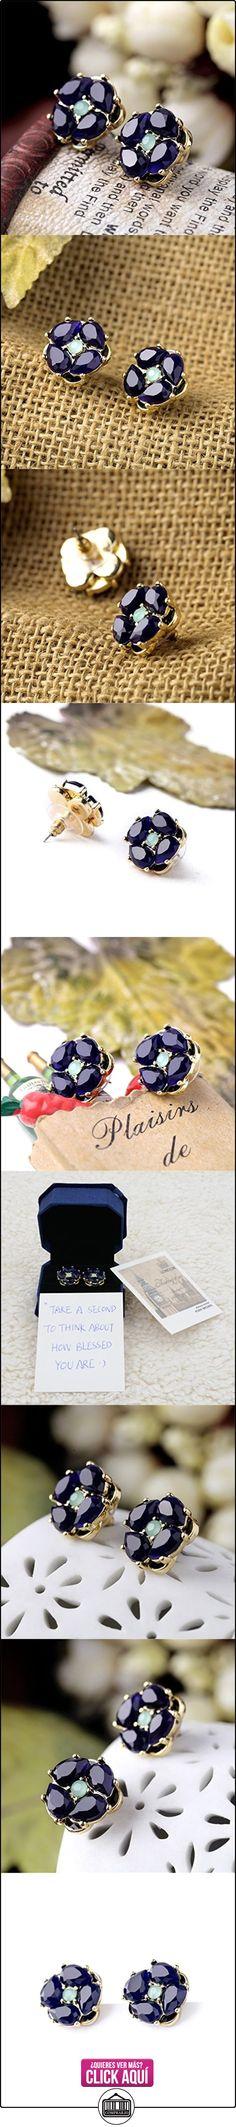 Pendientes estilo victoriano, con imitación de zafiro oscuro, en tonos dorados, de Lares Domi  ✿ Joyas para mujer - Las mejores ofertas ✿ ▬► Ver oferta: https://comprar.io/goto/B01J5CHZZG